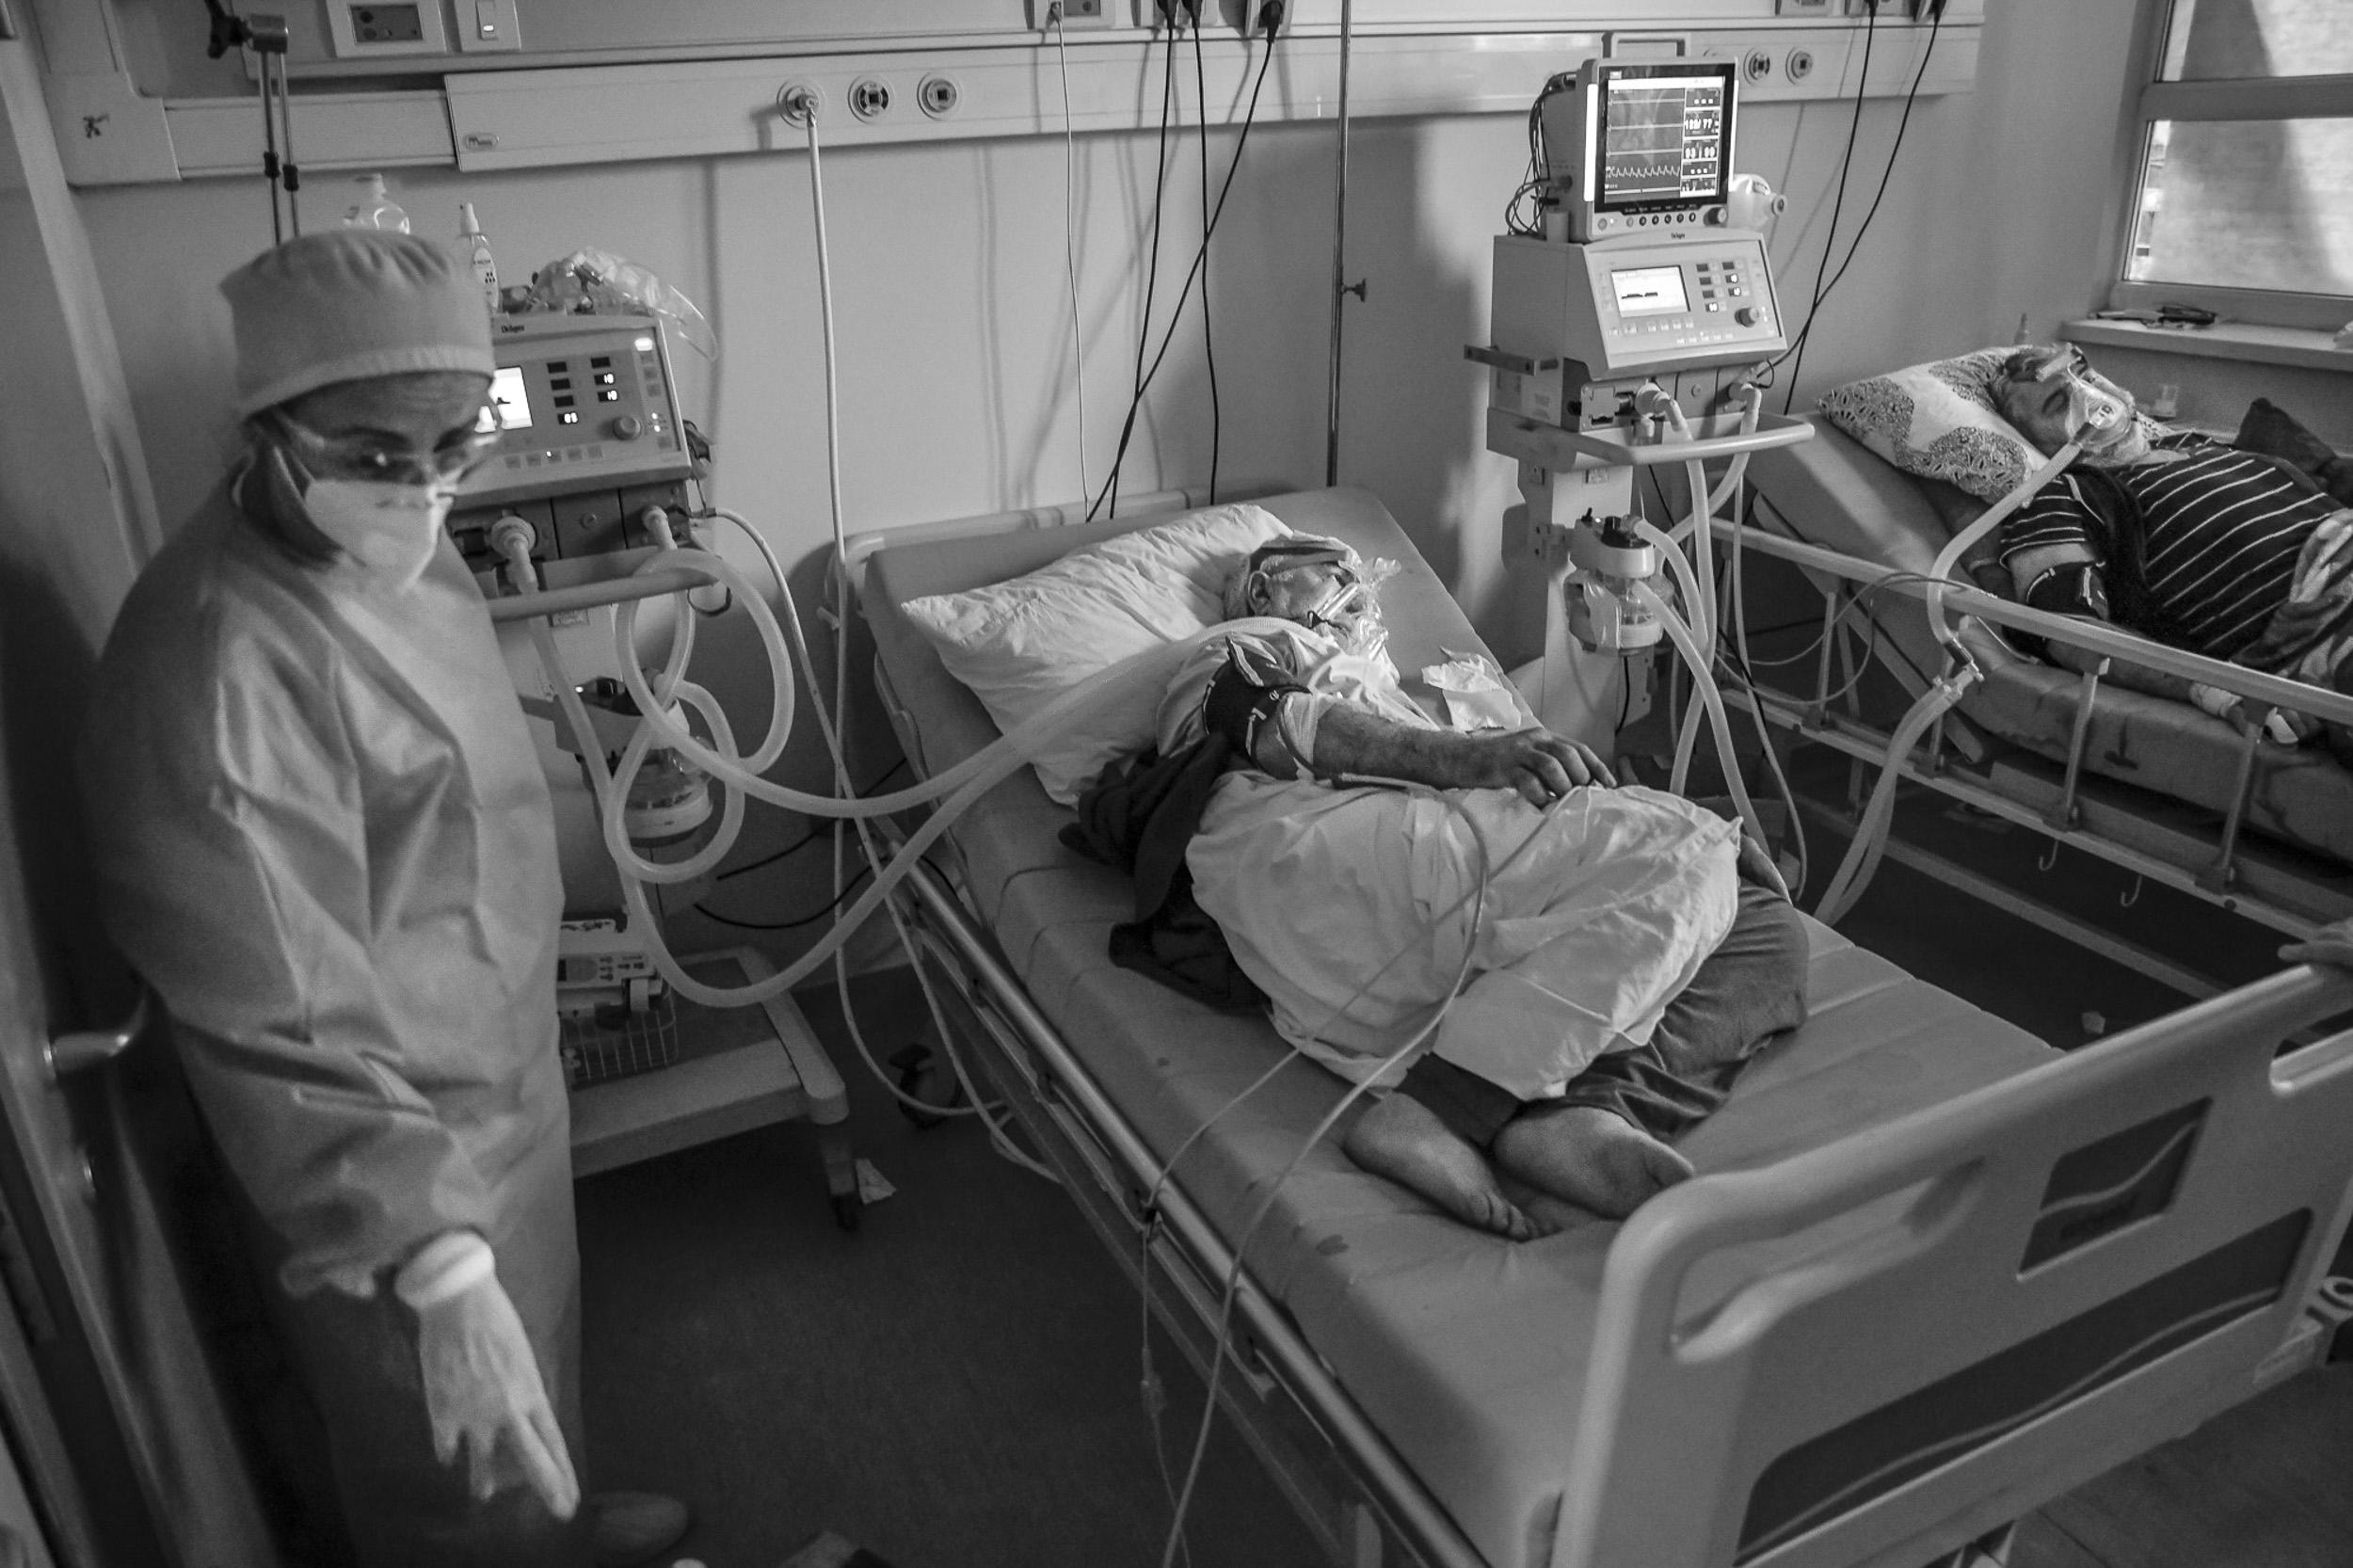 Zvukovi svih mašina i pacijenata/ica s COVID-19 koji otežano dišu još je izraženiji dok idemo od sobe do sobe.